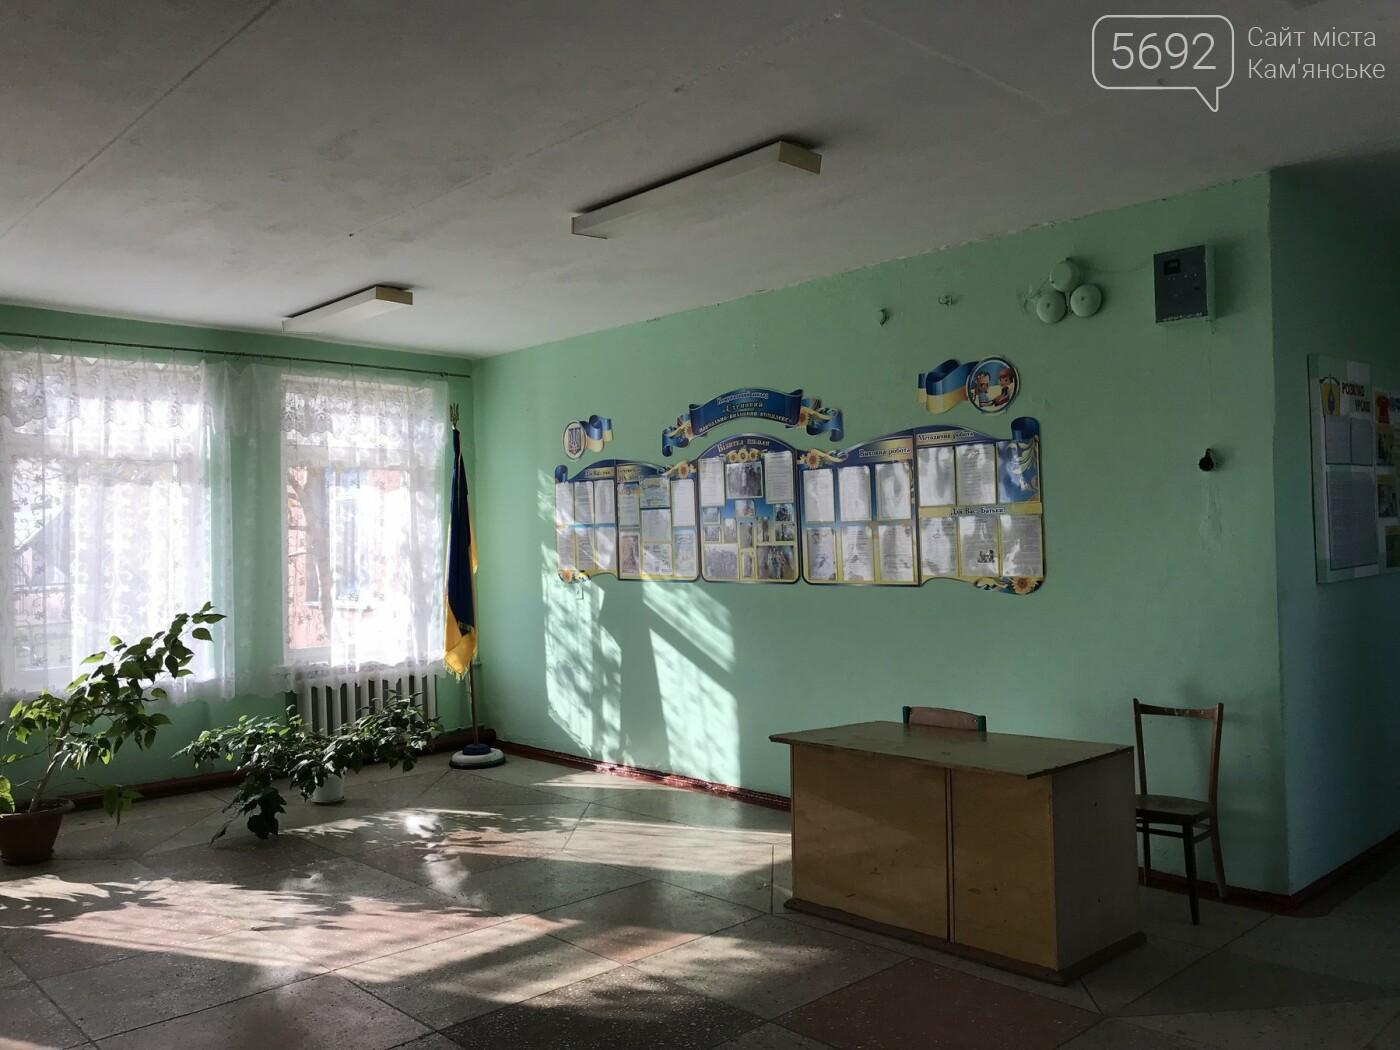 Что получит Каменское в случае присоединения: репортаж из Степового, фото-10